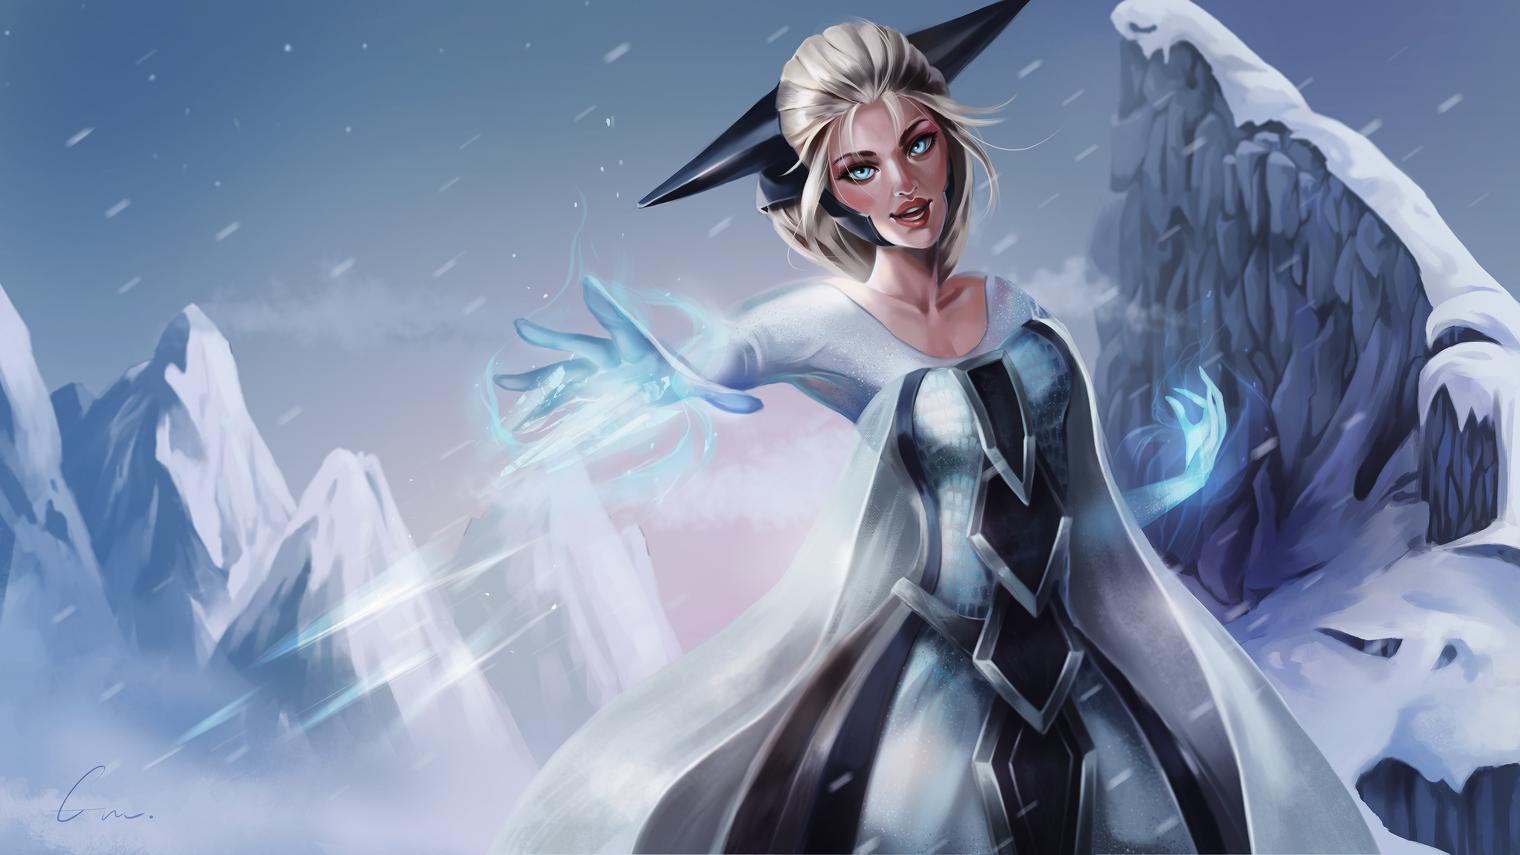 Elsa the Snow Queen - Frozen (Disney) - Image #2188825 ...